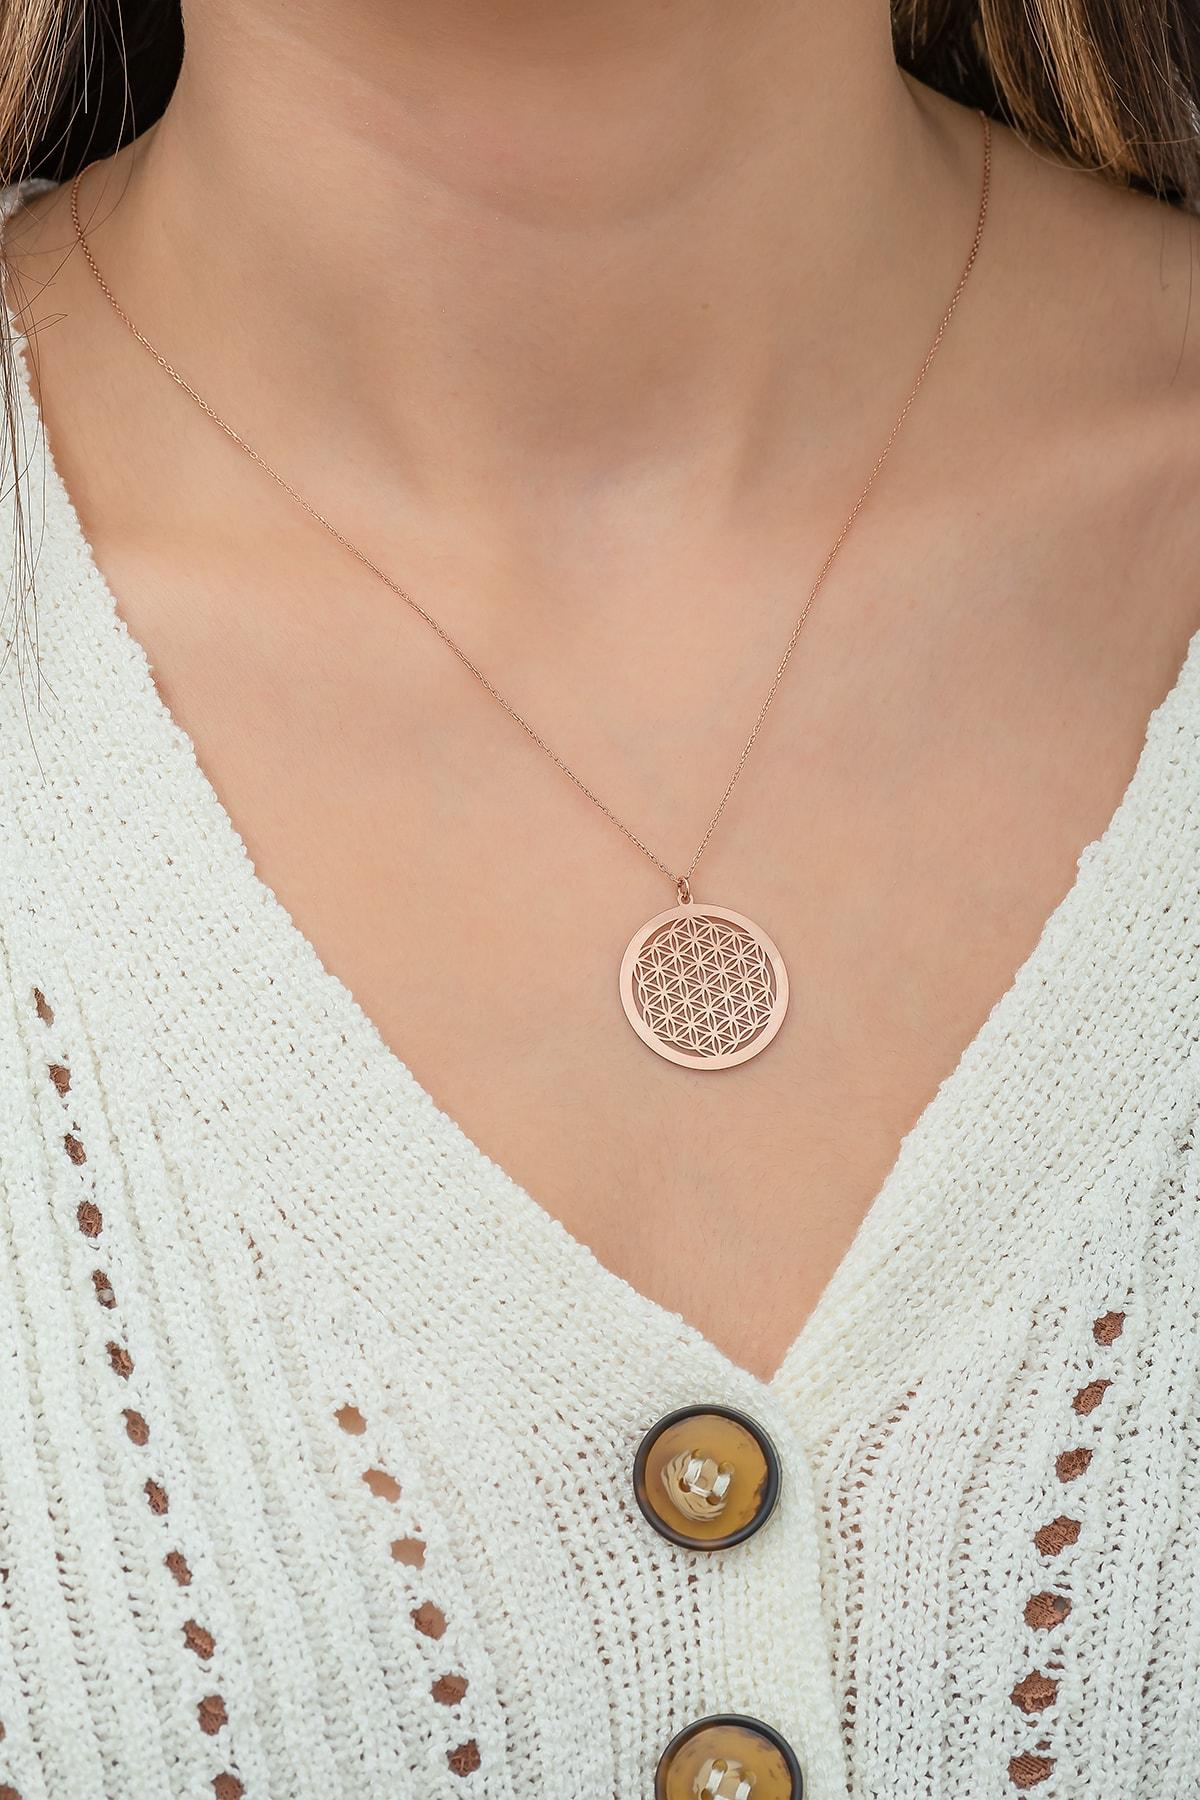 Papatya Silver Kadın Yaşam Çiçeği Rose Altın Kaplama 925 Ayar Kolye 1